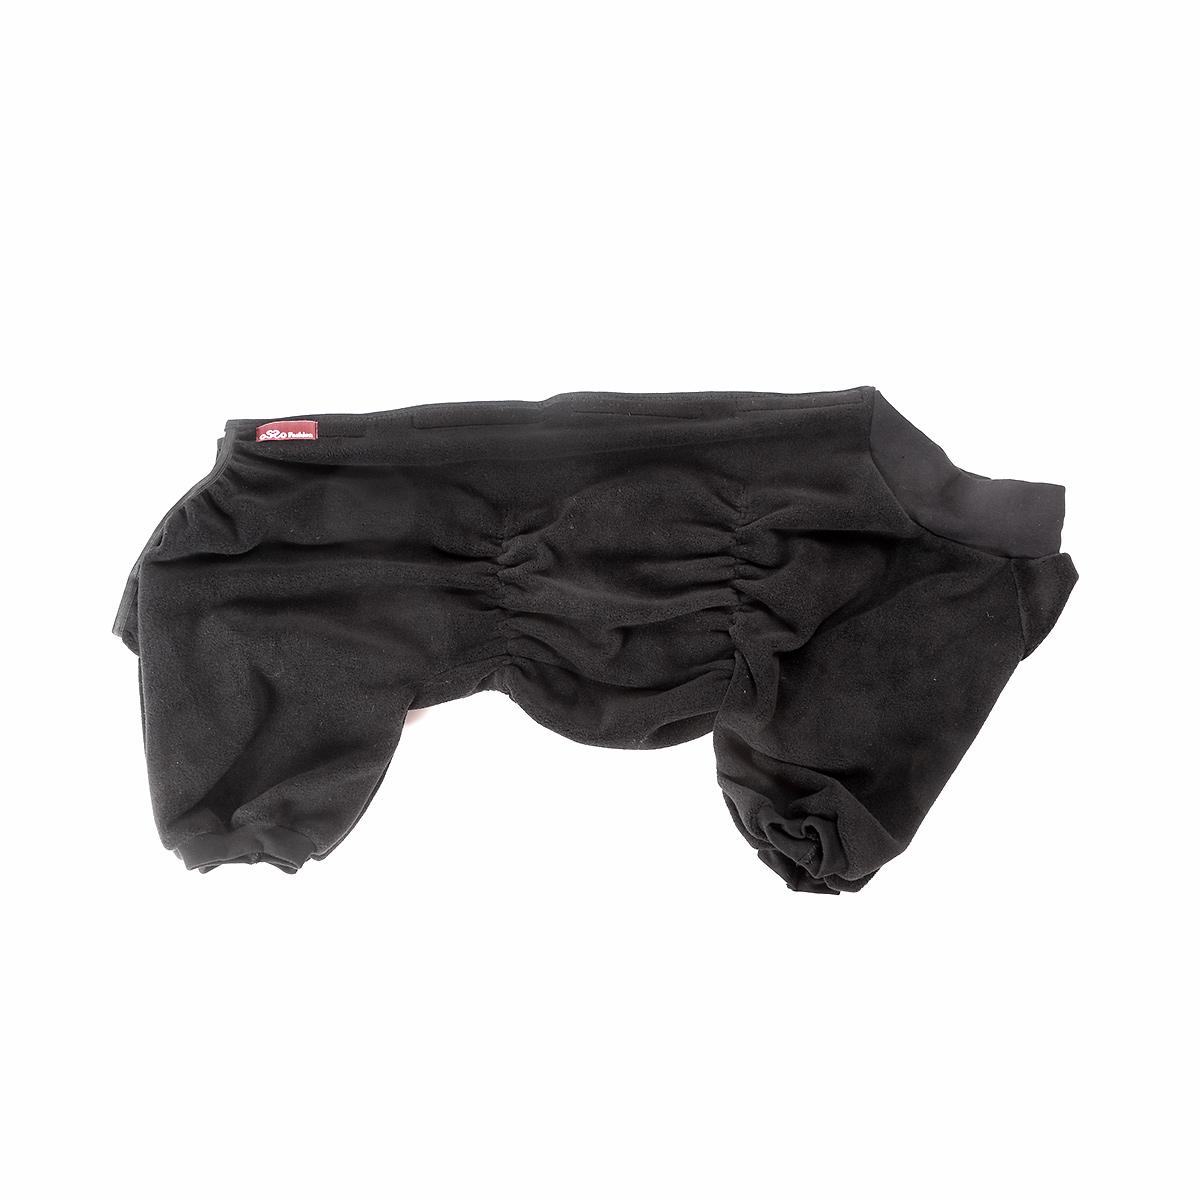 Комбинезон для собак OSSO Fashion, для мальчика, цвет: графит. Размер 55Кф-1020Комбинезон для собак OSSO Fashion выполнен из флиса. Комфортная посадка по корпусу достигается за счет резинок-утяжек под грудью и животом. На воротнике имеются завязки, для дополнительной фиксации. Можно носить самостоятельно и как поддевку под комбинезон для собак. Изделие отлично стирается, быстро сохнет.Длина спинки: 55 см.Объем груди: 66-90 см.